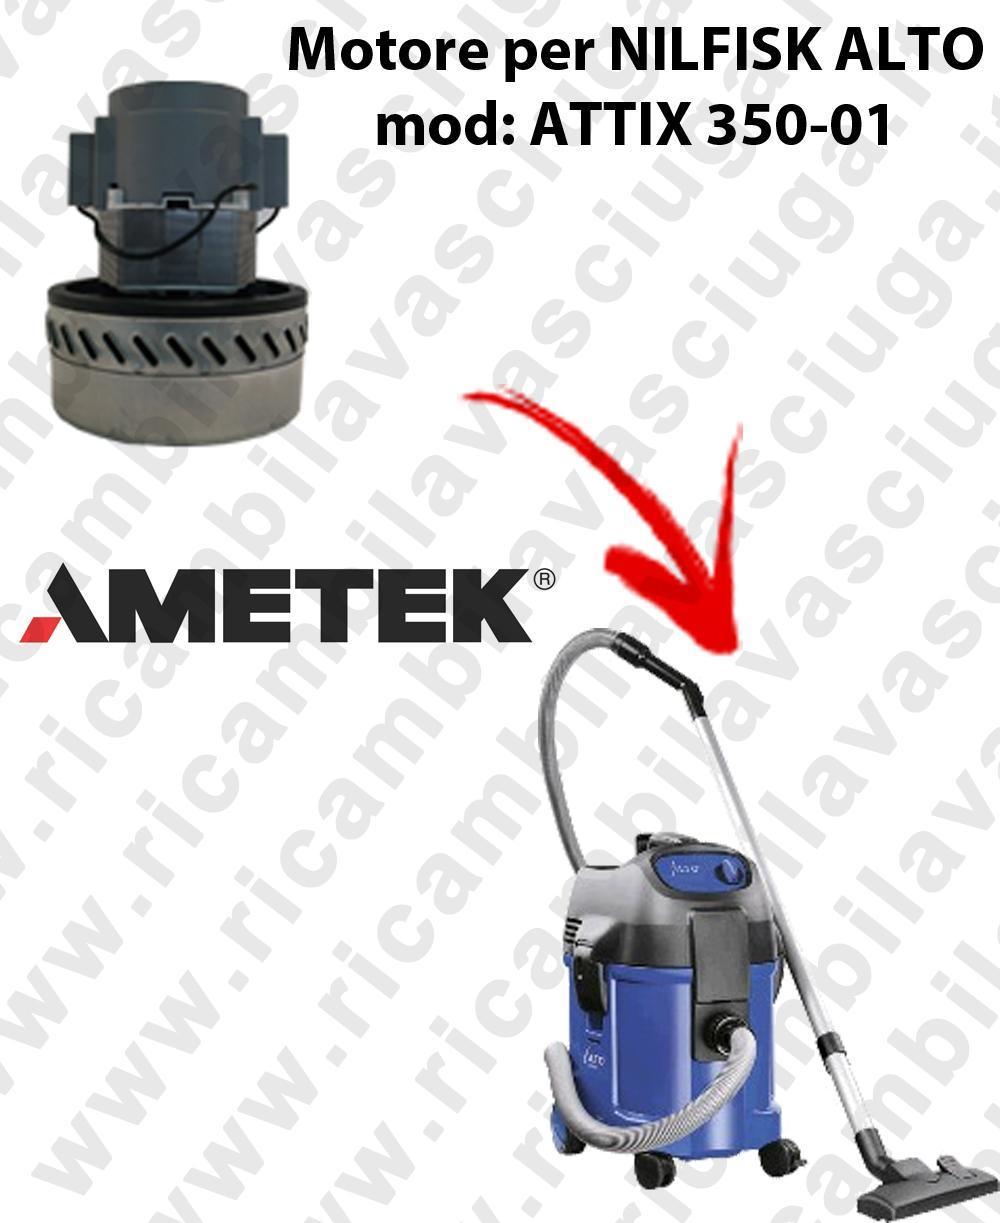 ATTIX 350-01 MOTEUR ASPIRATION AMETEK  pour aspirateur NILFISK ALTO